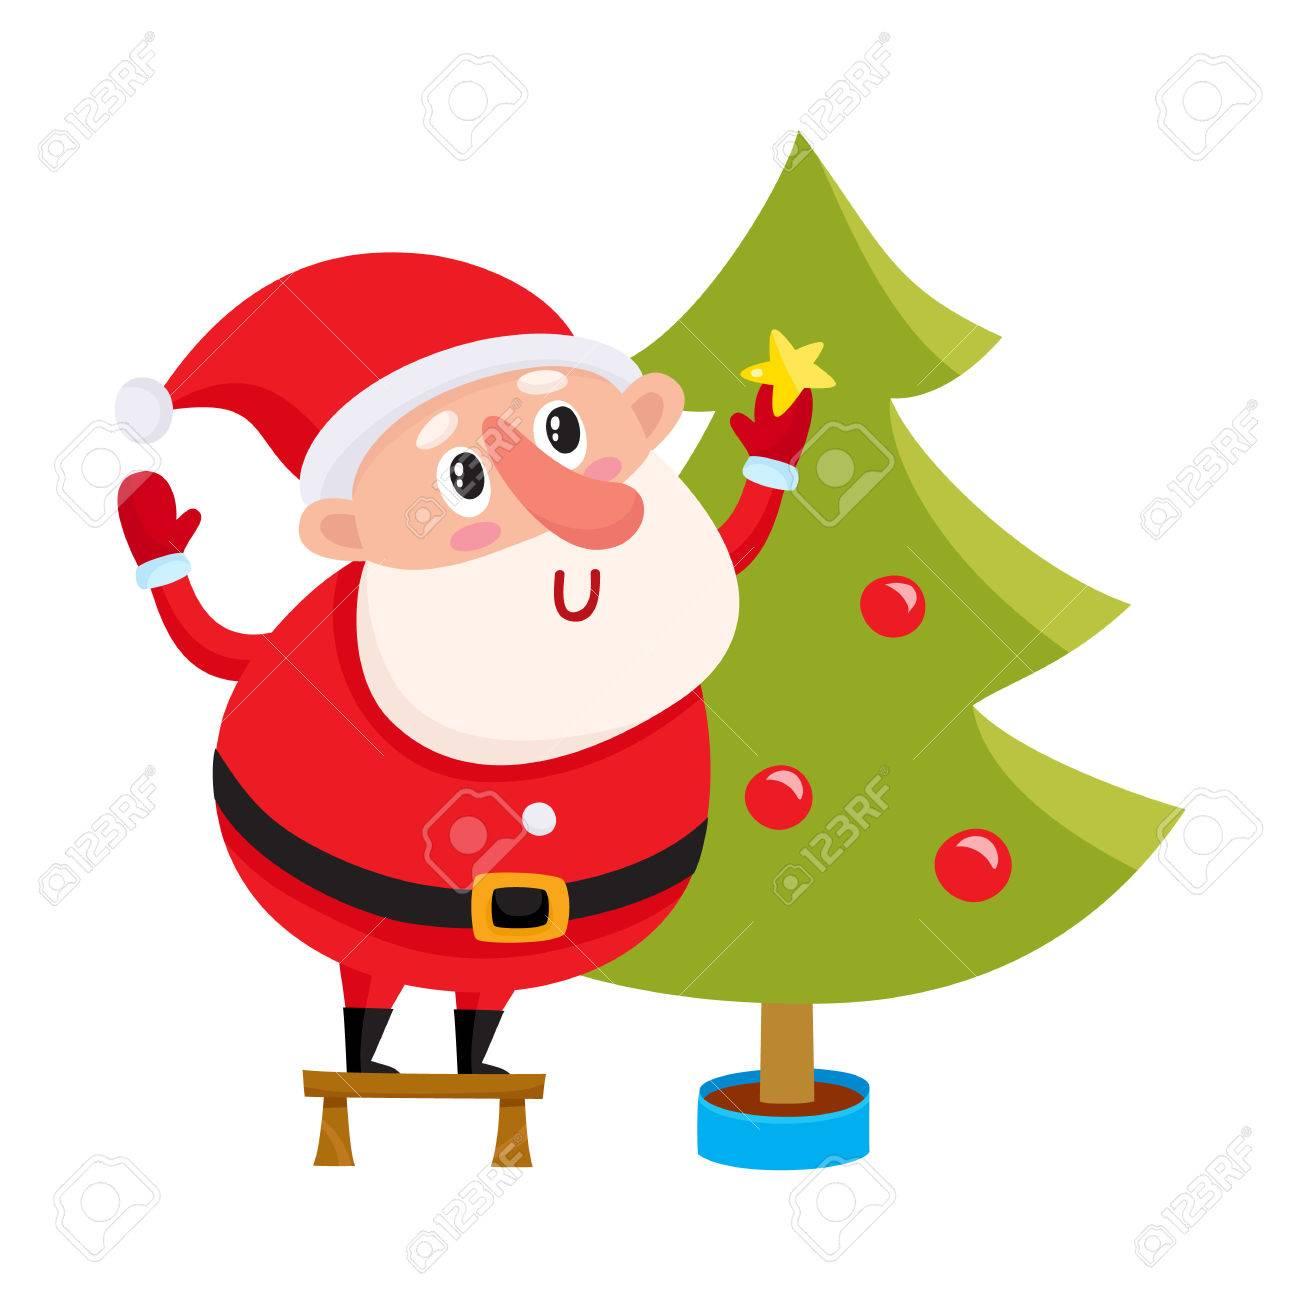 Lindo Y Divertido Santa Claus Decorar Un árbol De Navidad Ilustración Vectorial De Dibujos Animados Aislado En El Fondo Blanco Dibujos Animados